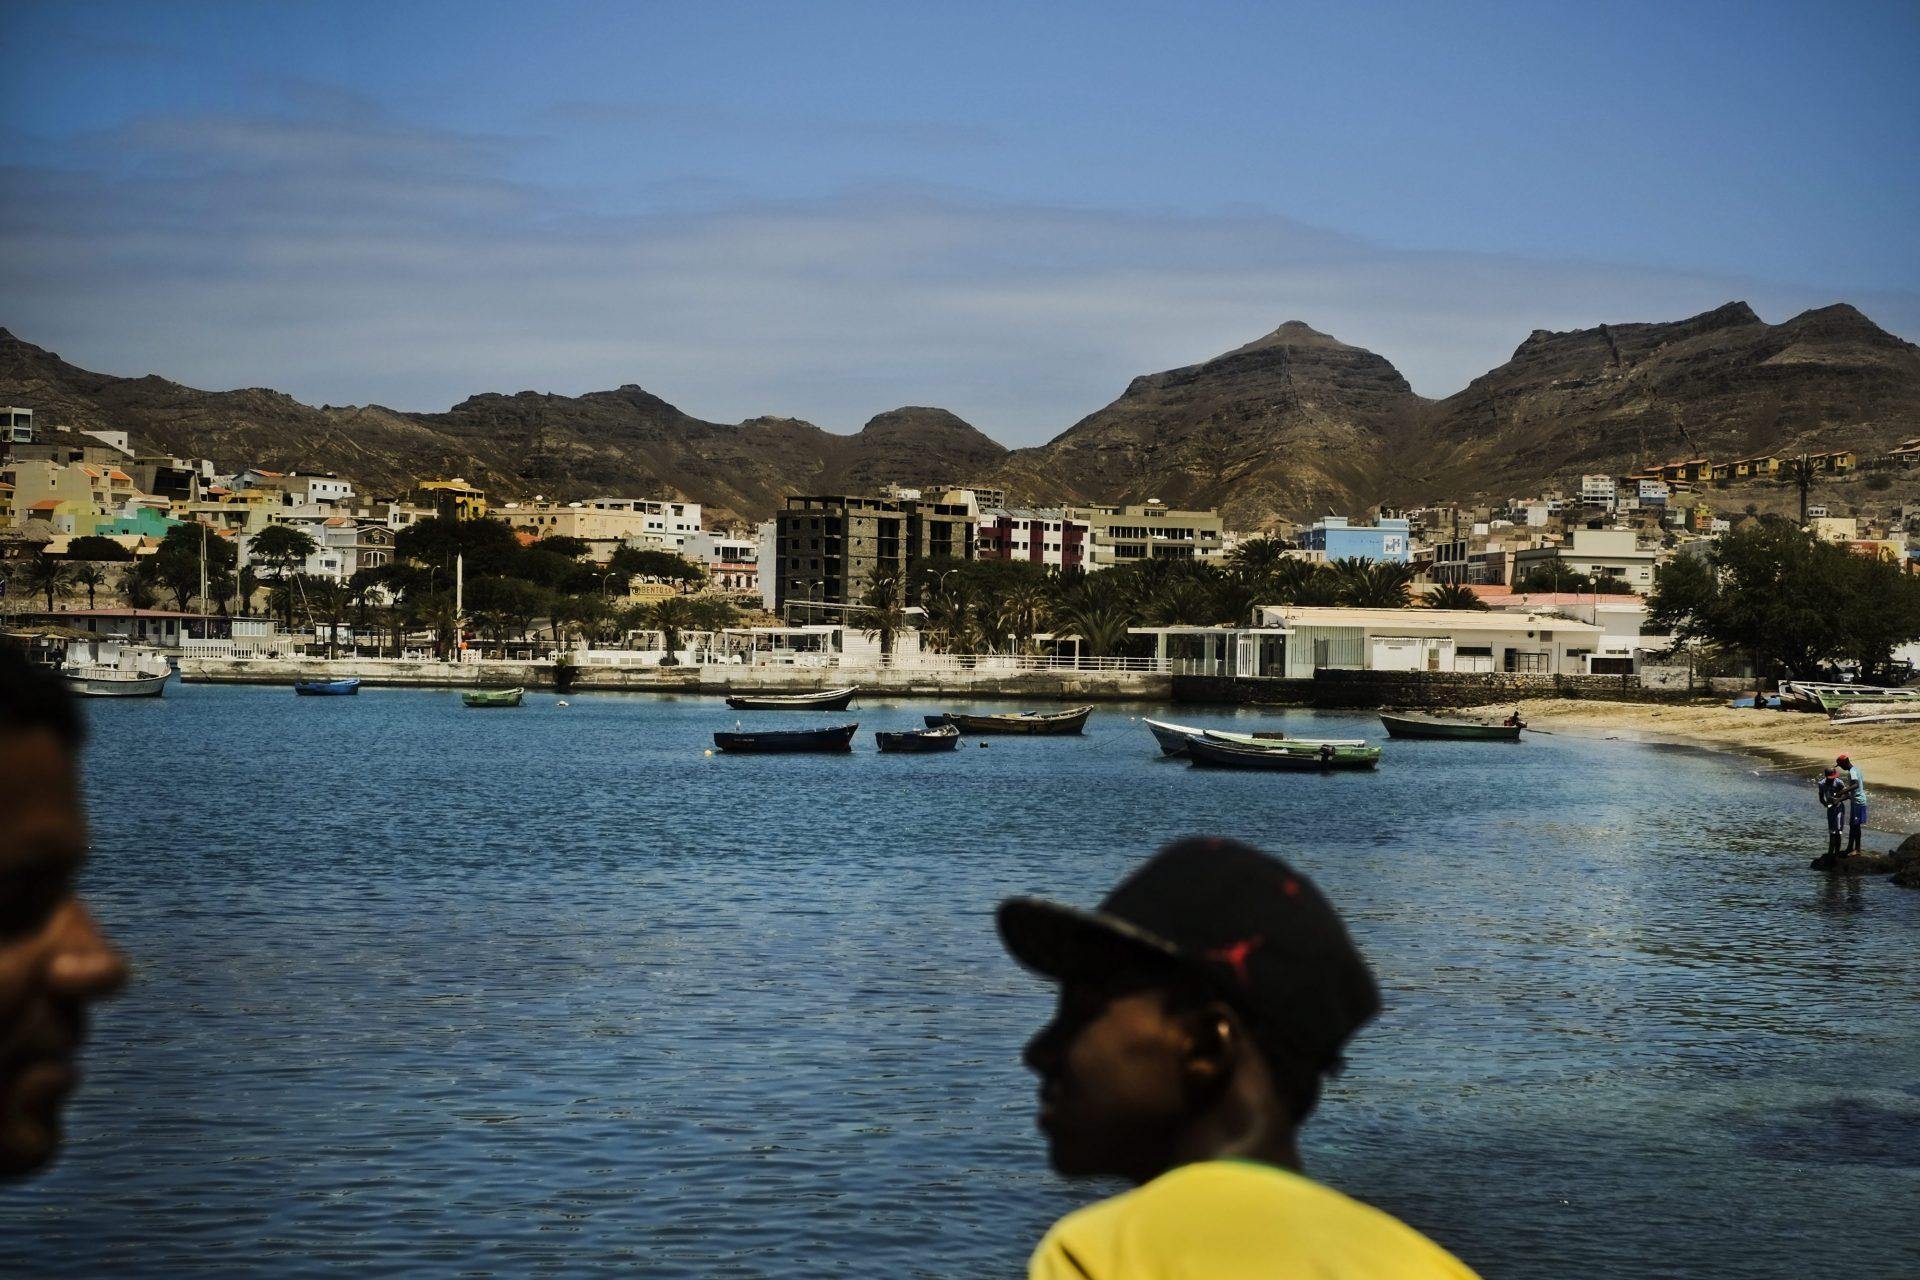 Cais da marina de Mindelo, ilha de São Vicente, Cabo Verde, 16 de março de 2016. EPA / MARIO CRUZ